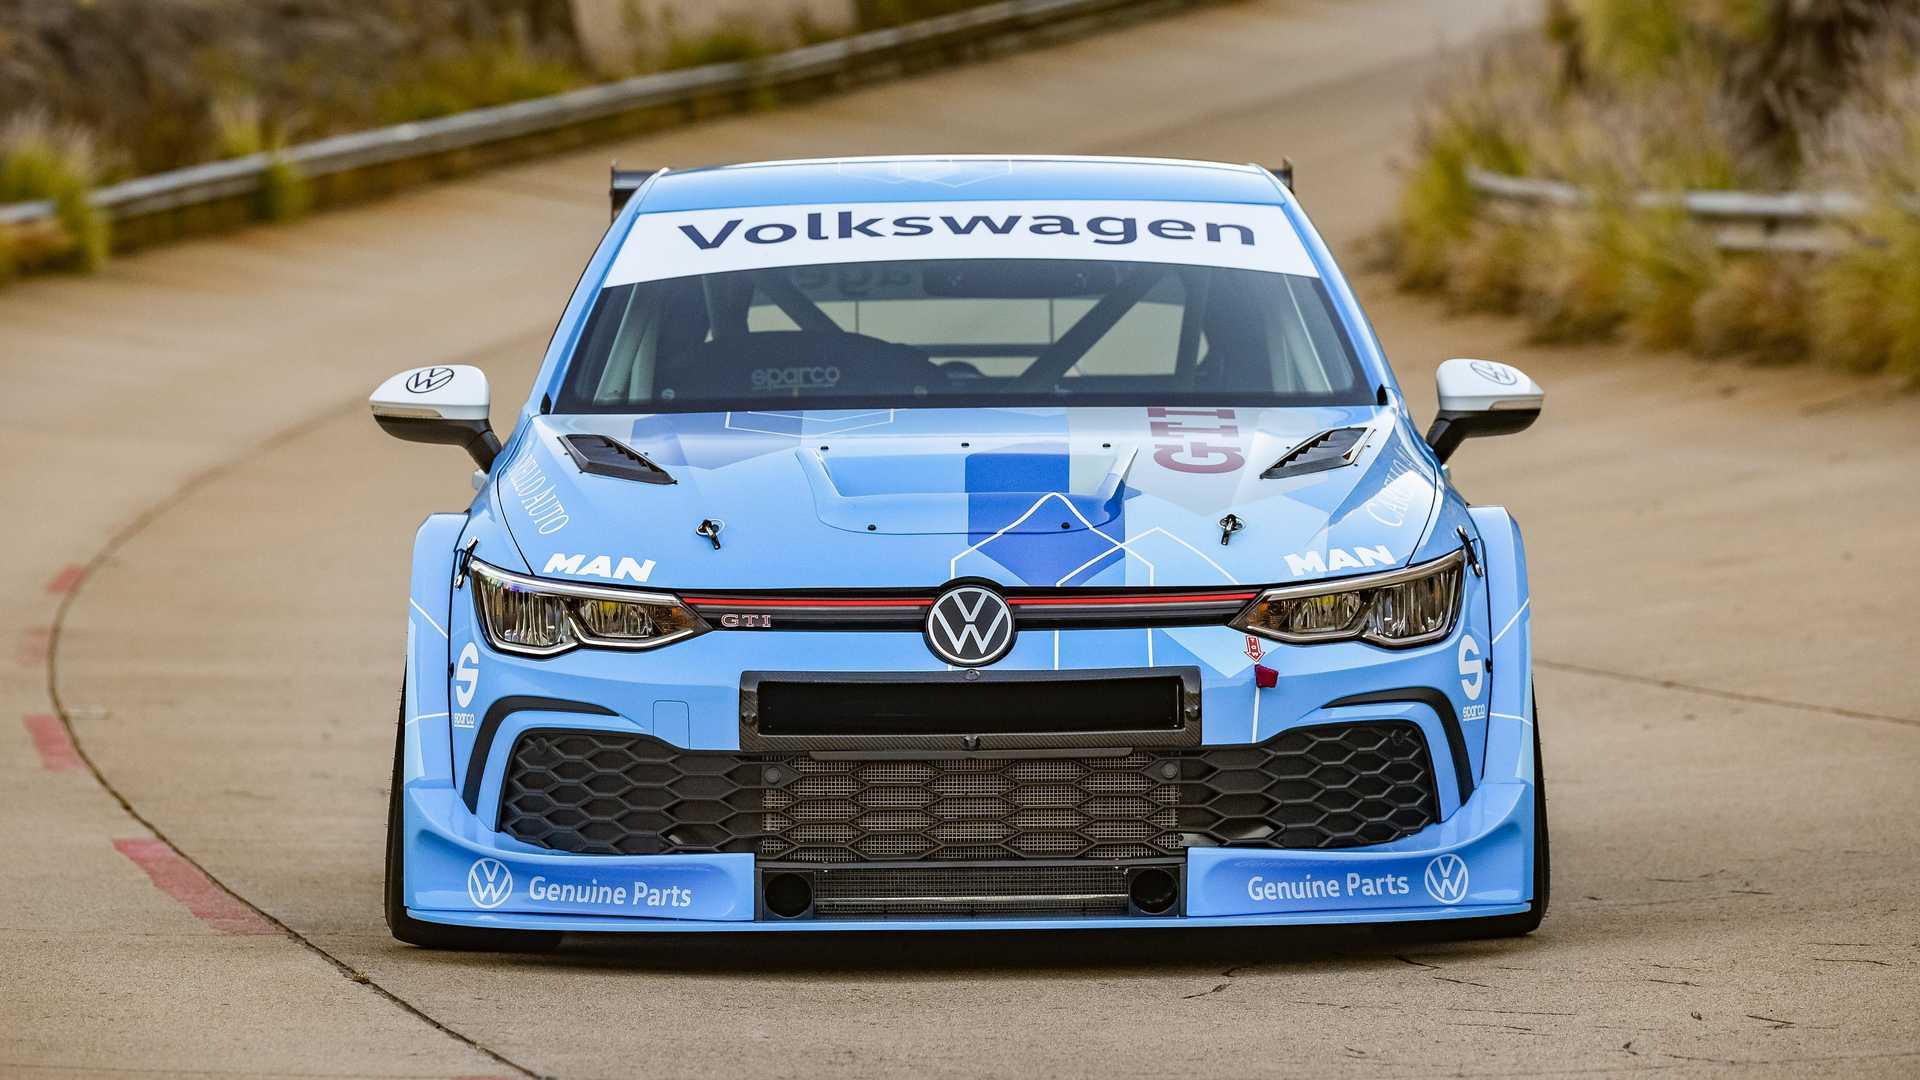 Volkswagen-GTI-GTC-Race-Car-10